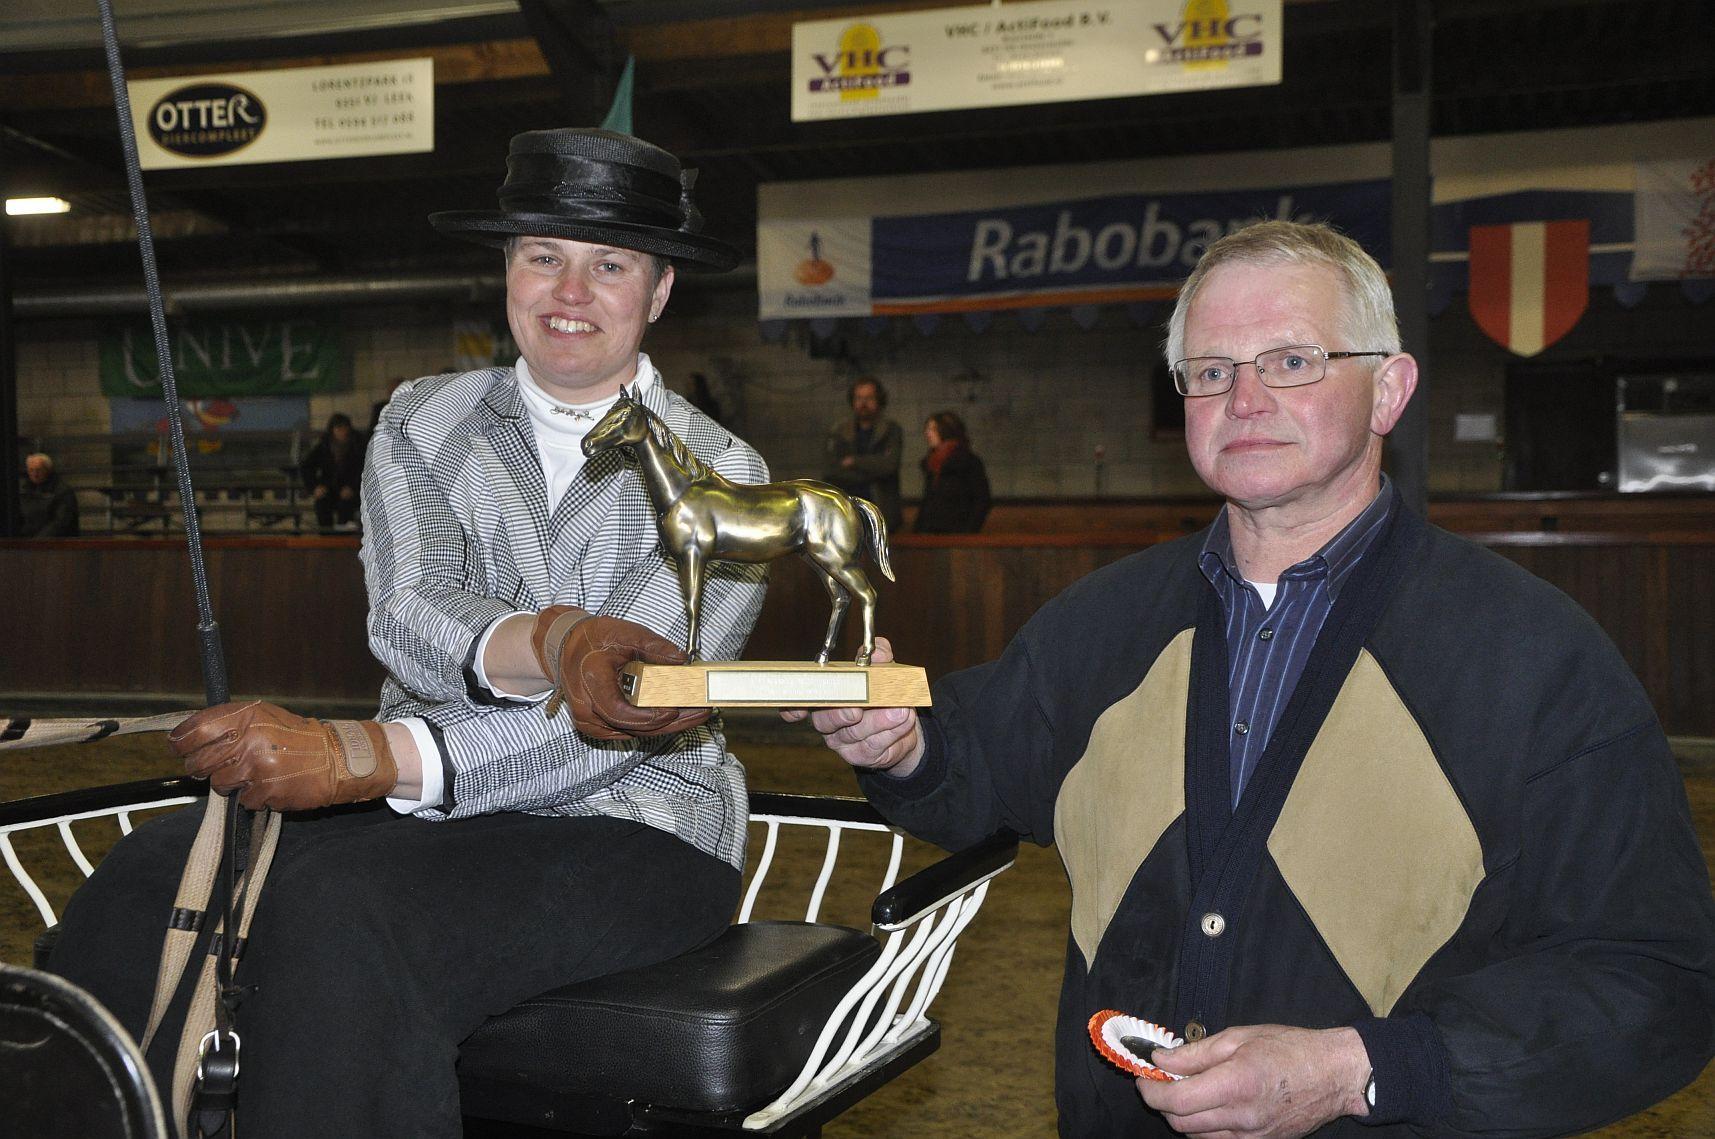 Fokkelien Oldenburger wint trofee van haar vader